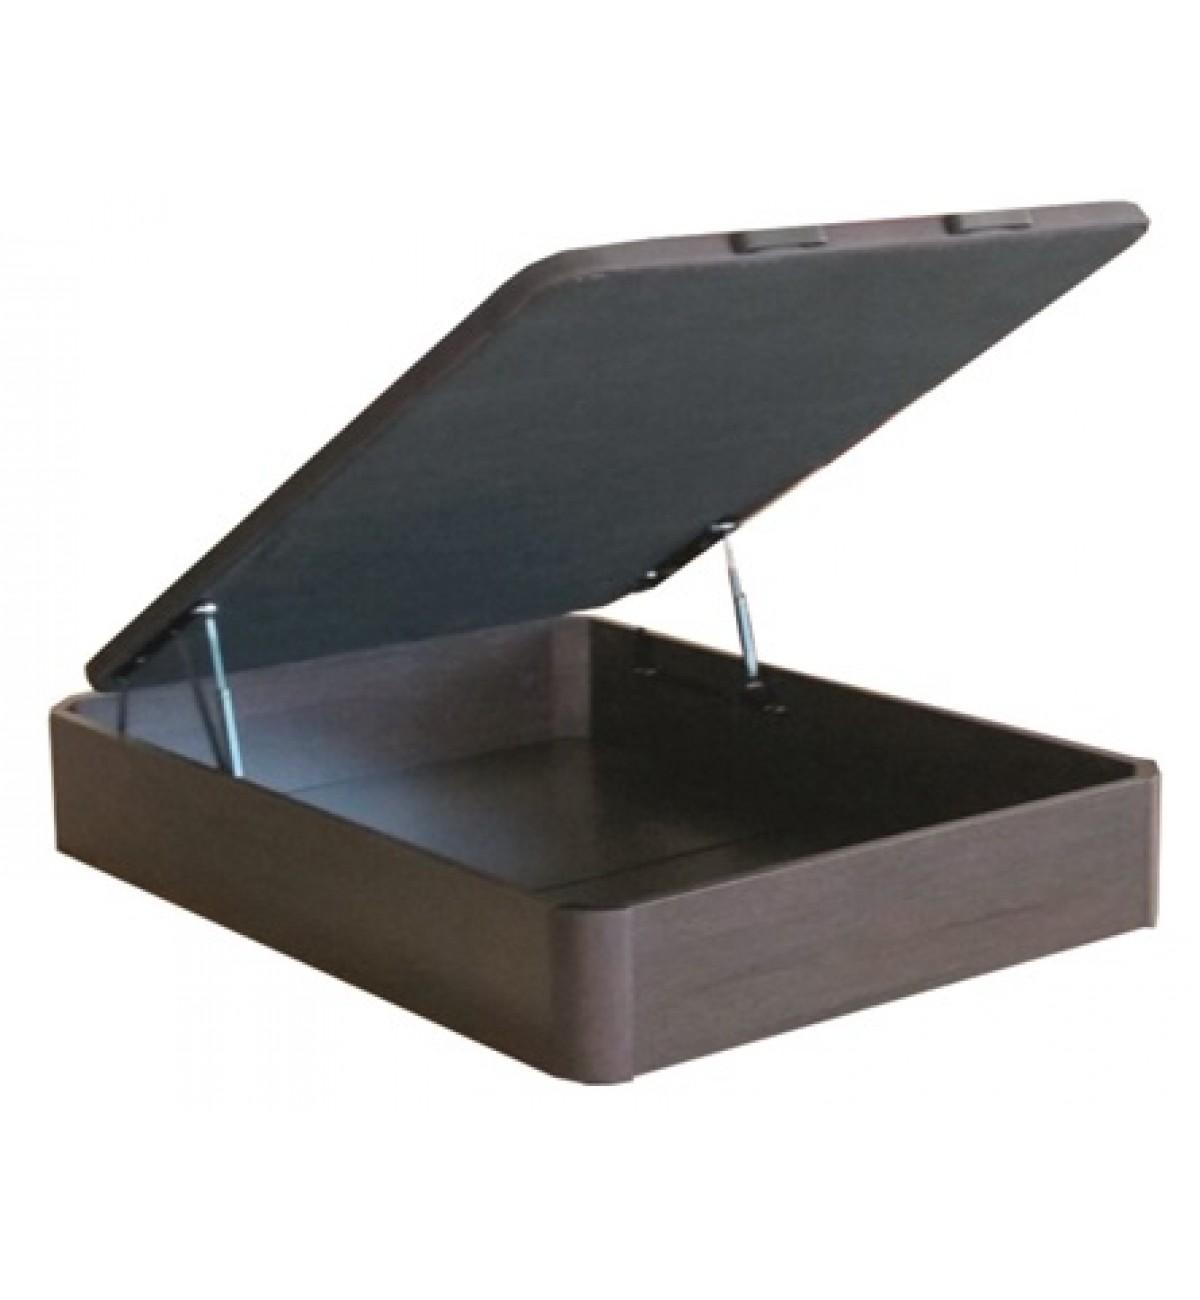 Canap abatible madera en kit gran capacidad colchoner a for Canape abatible